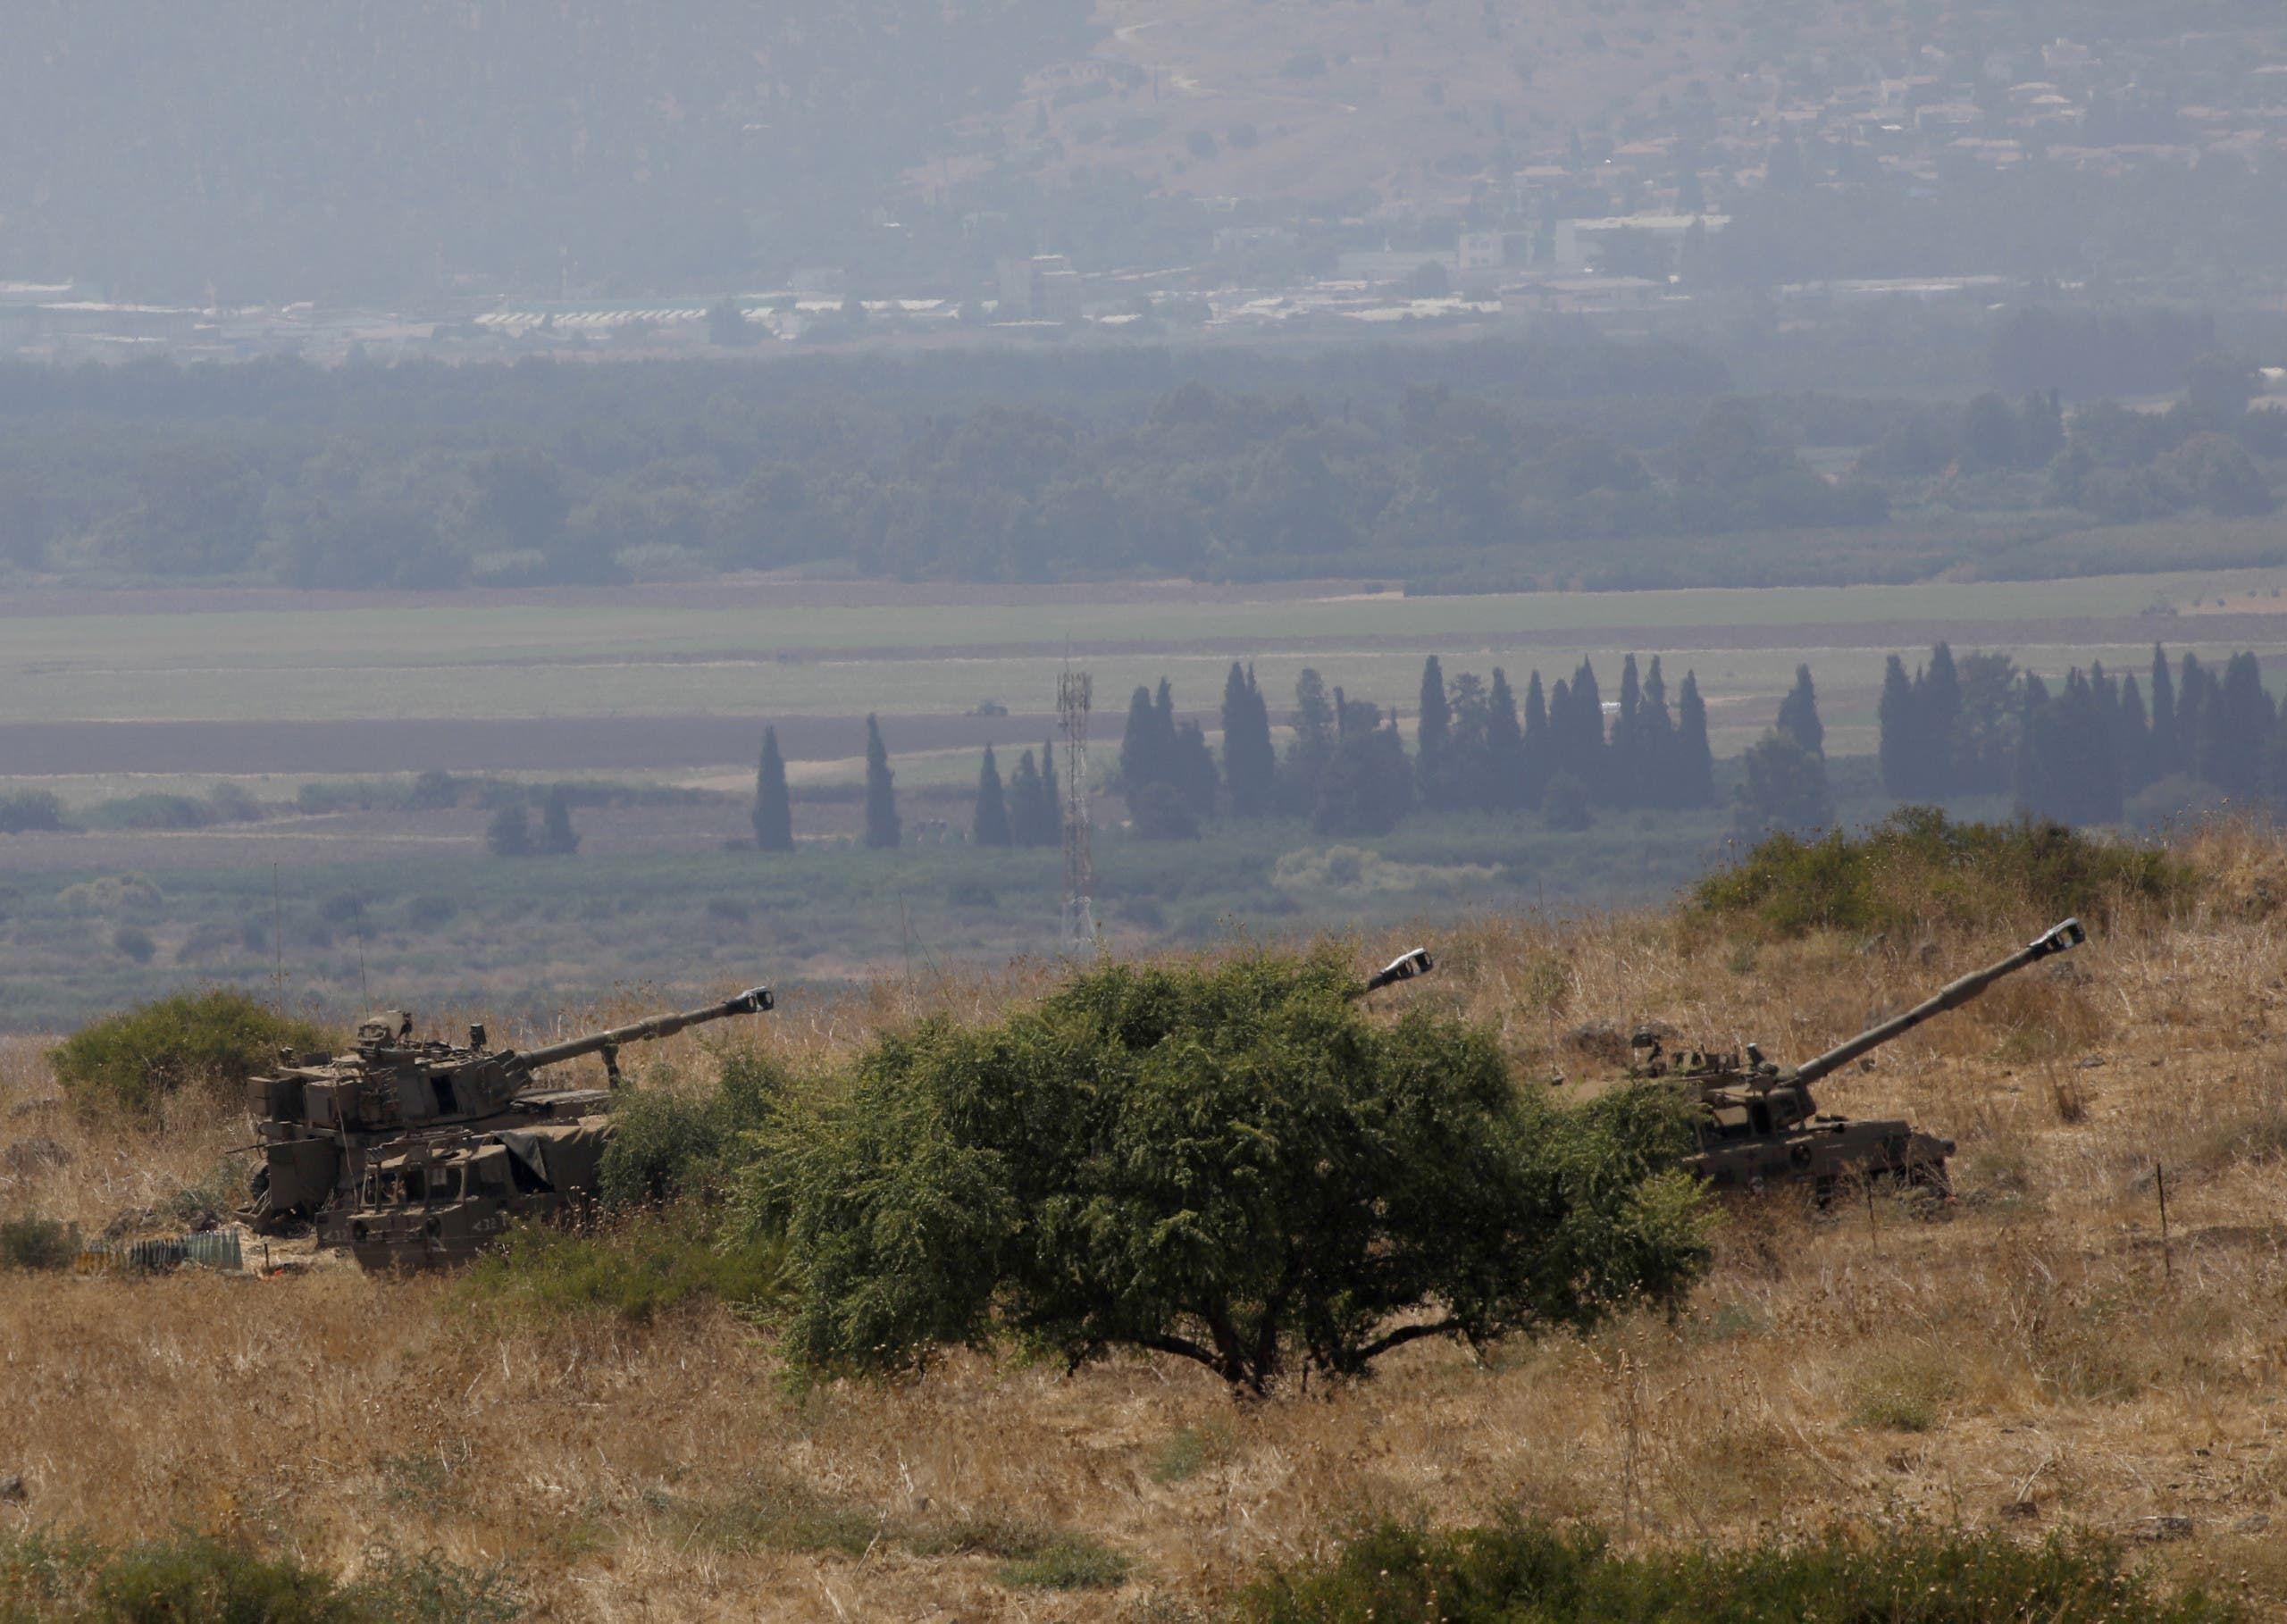 مدفعية الجيش الإسرائيلي في كريات شمونة (أرشيفية)